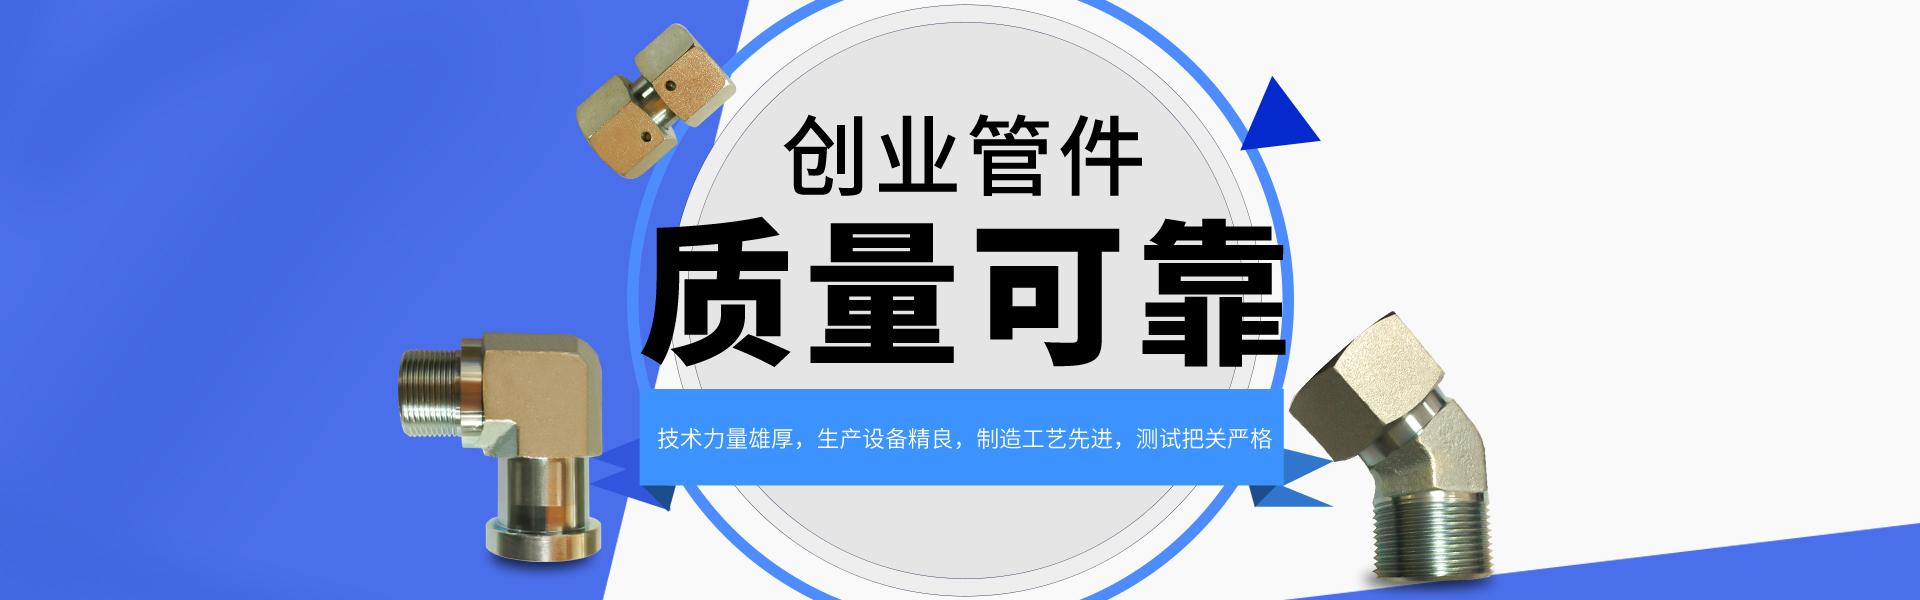 余姚市丈亭镇创业管件厂